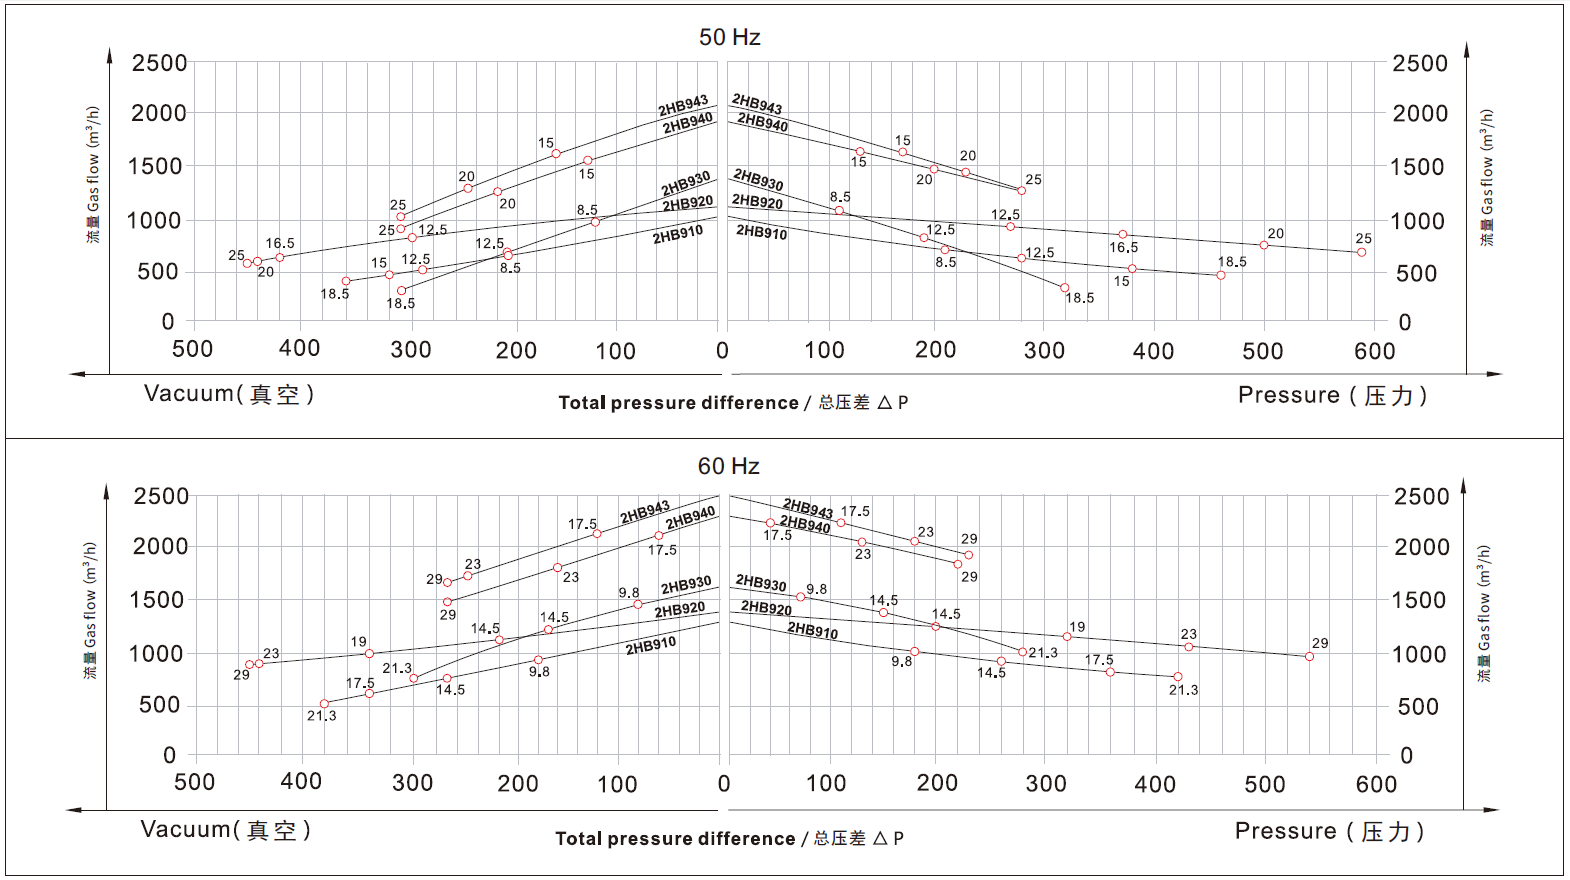 2HB920-H47-25kw高压风机曲线图